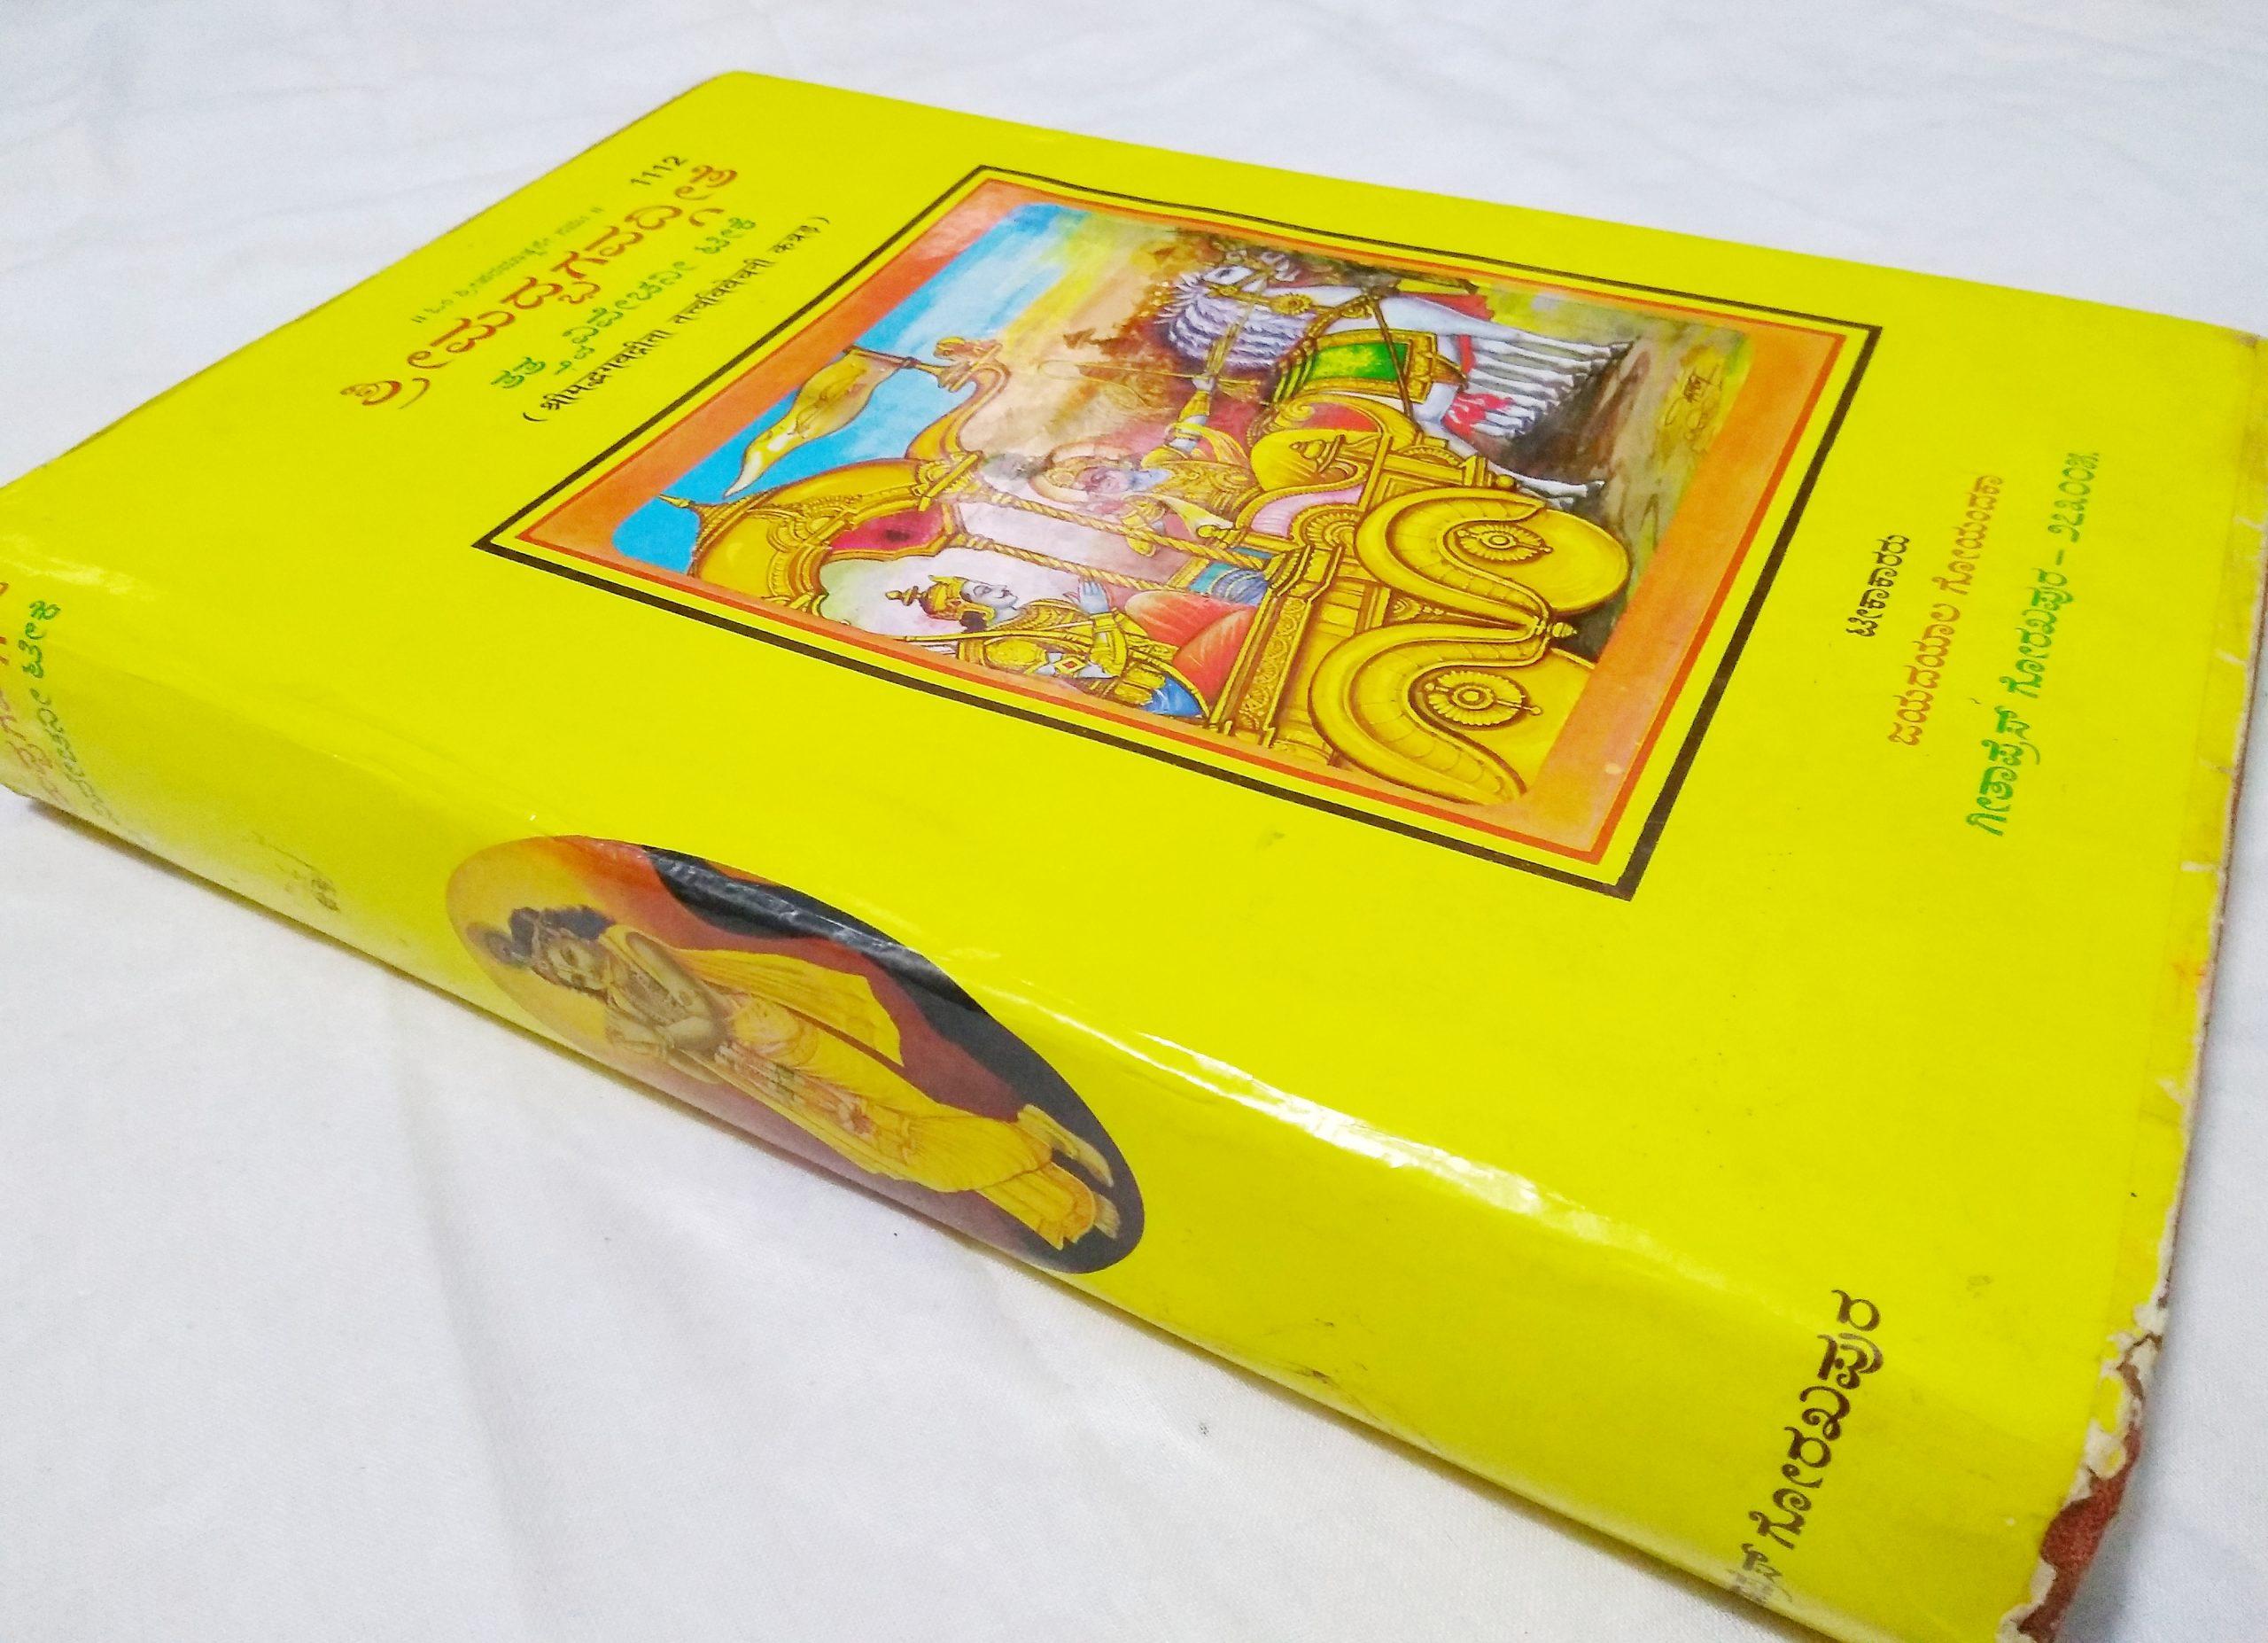 Bhagavad Geeta book